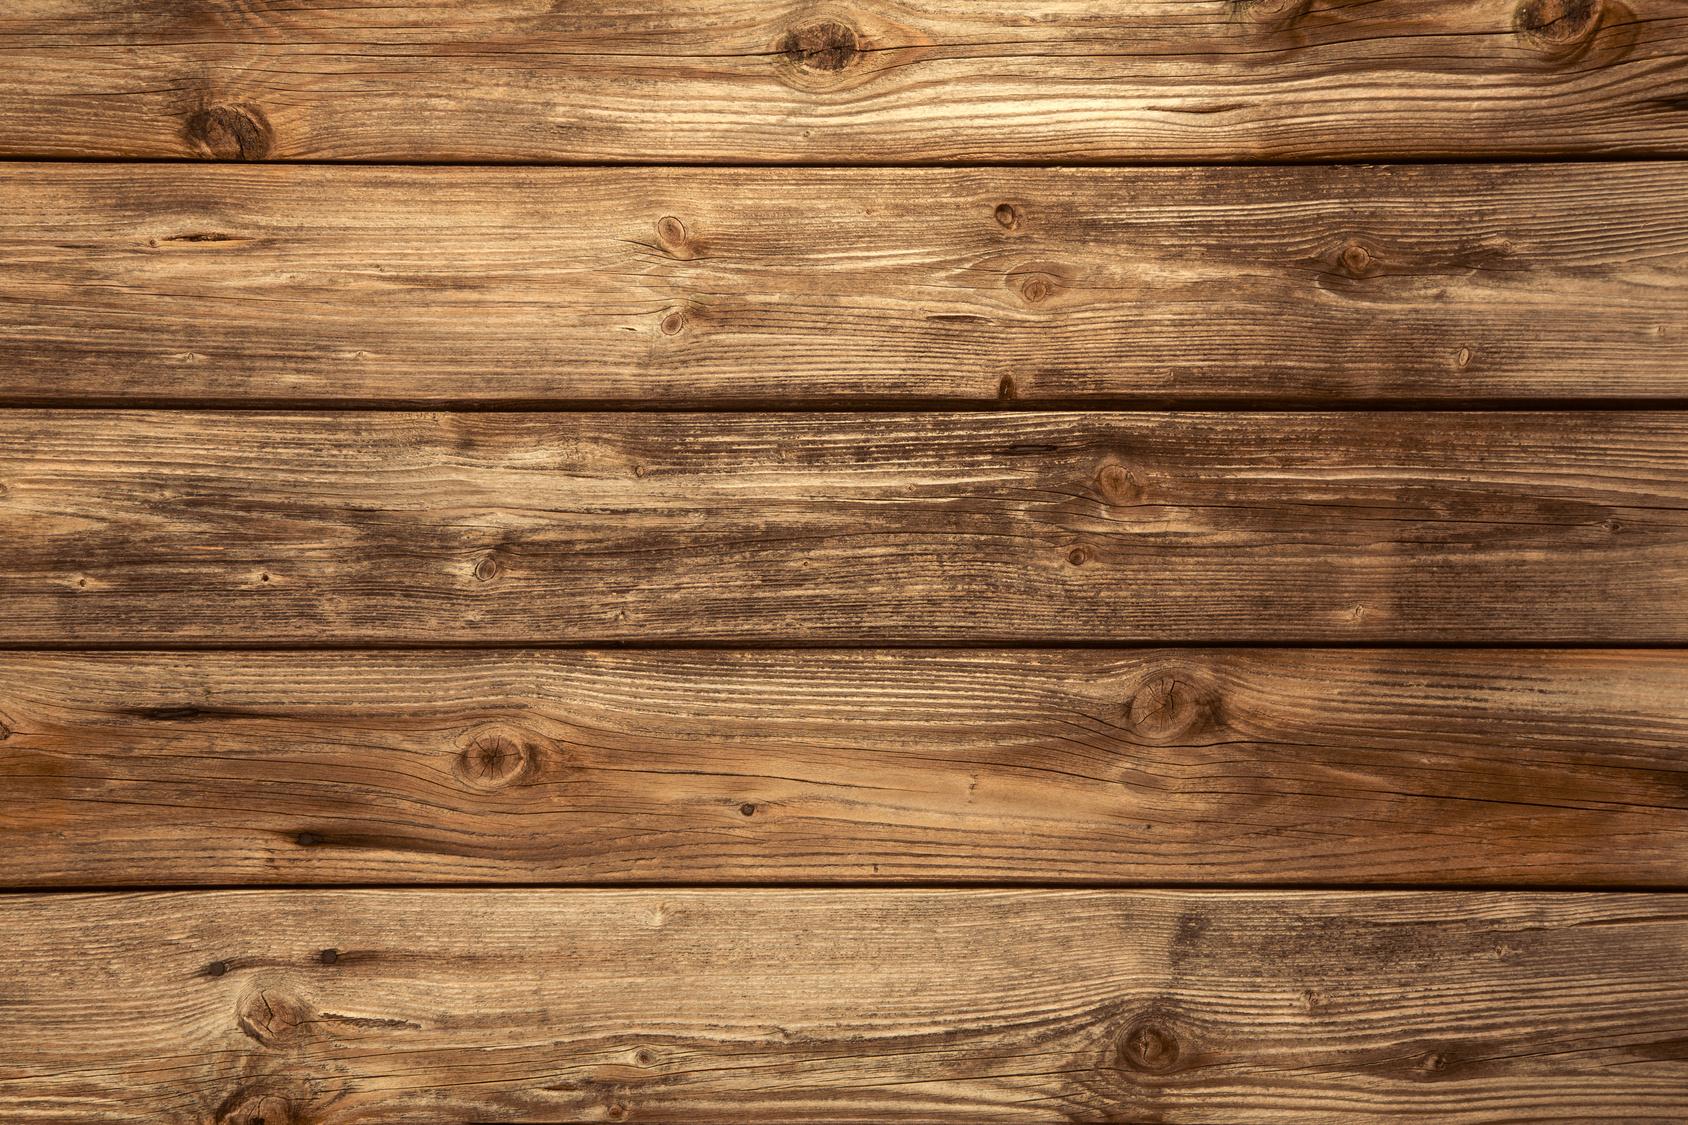 Rustikaler Alter Holz Hintergrund